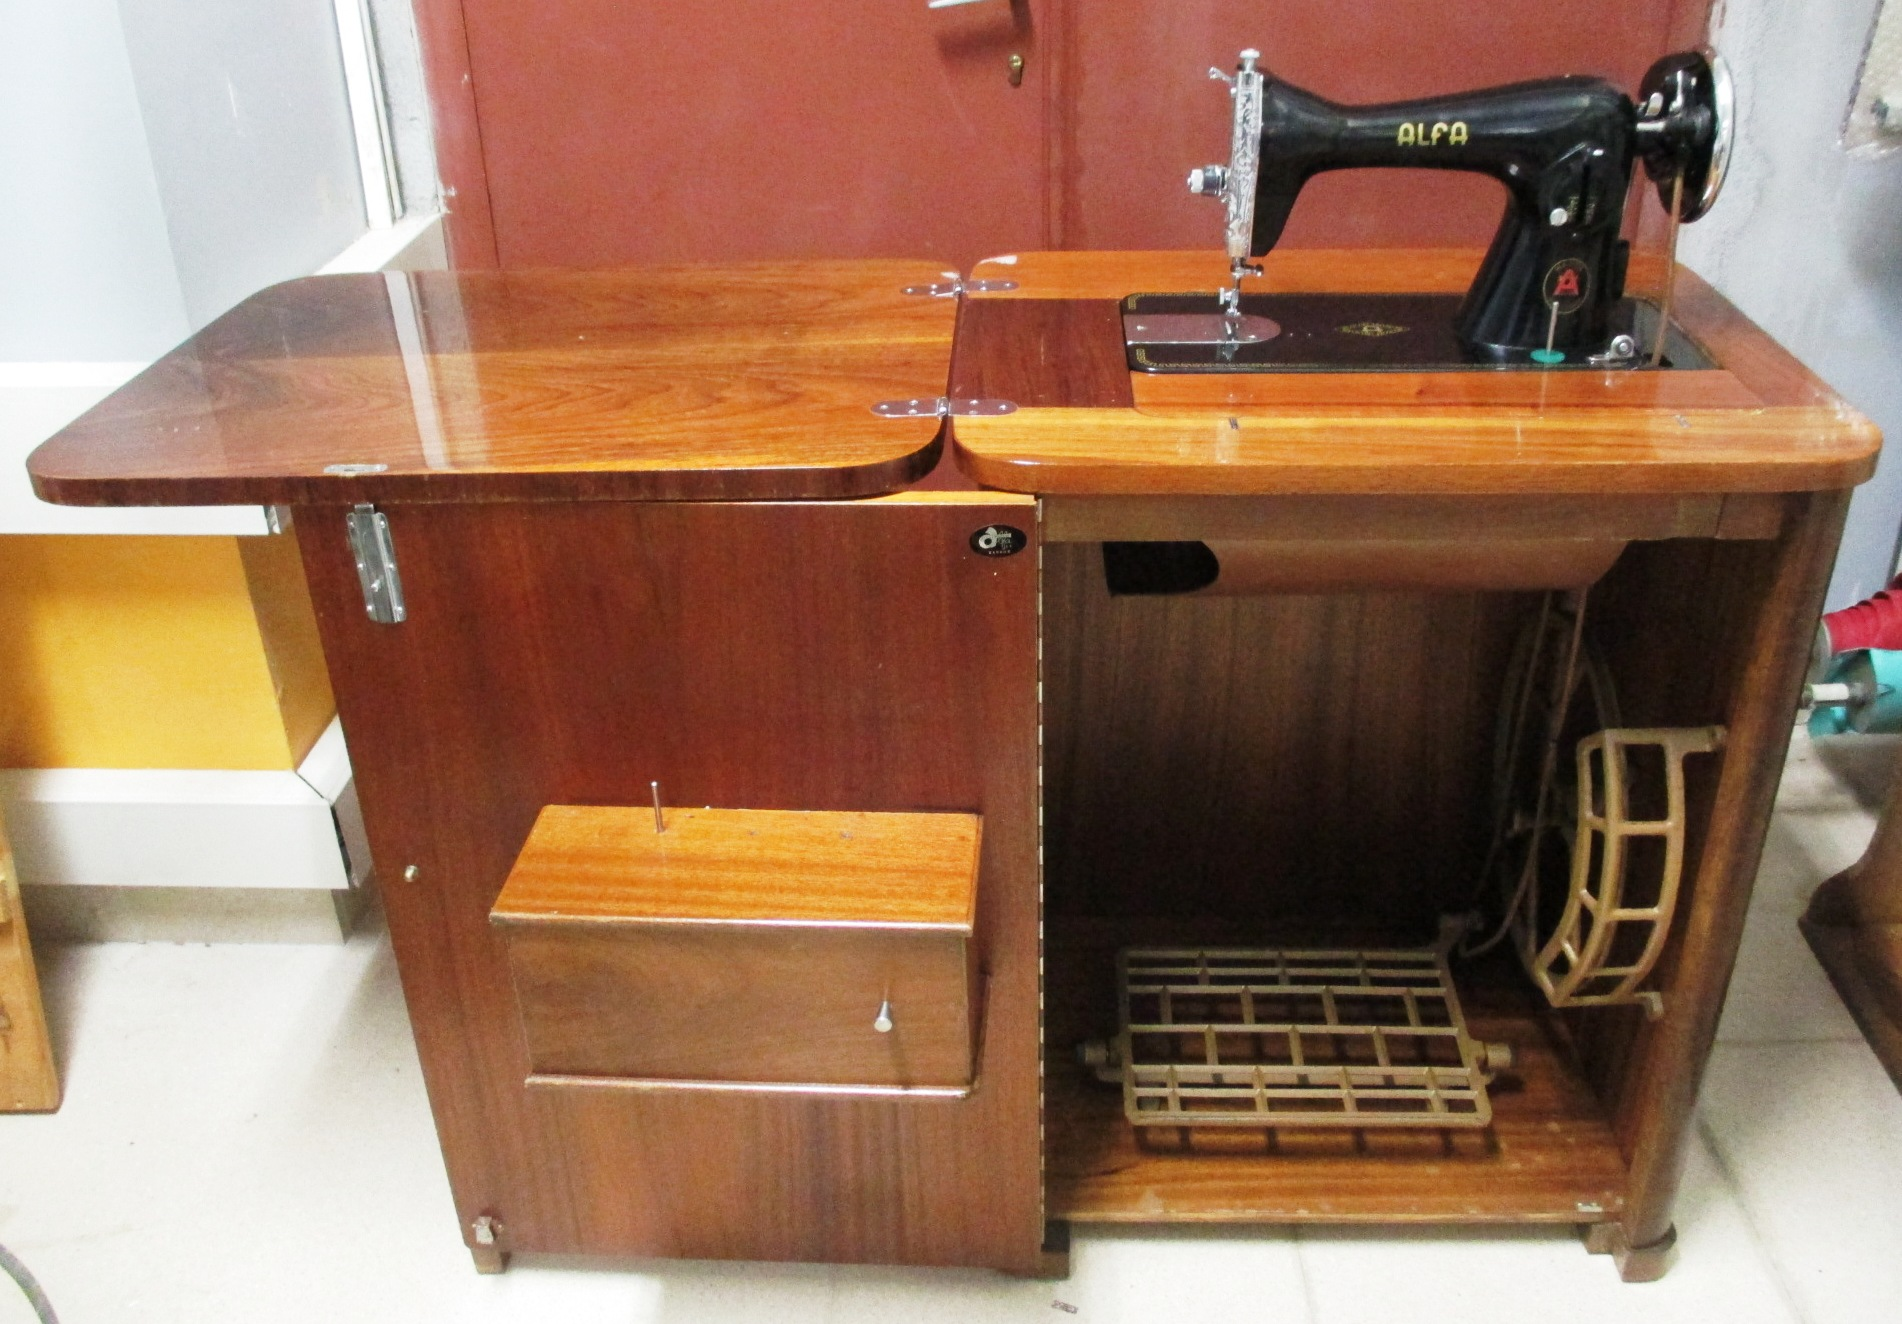 Máquina de coser Alfa modelo 40